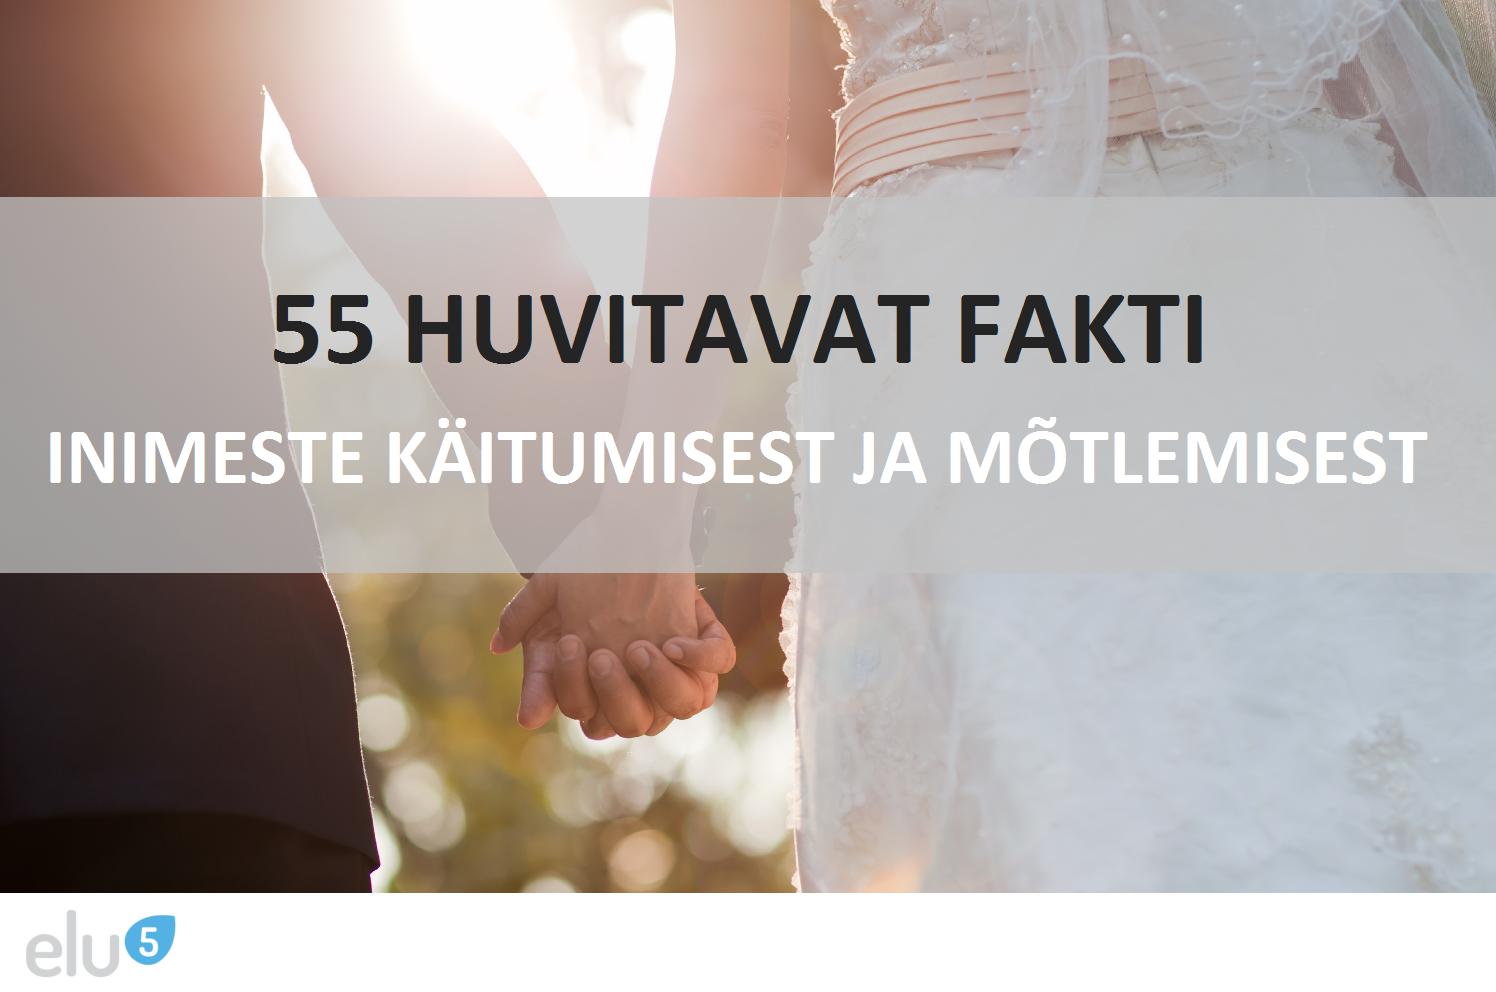 55_huvitavat_fakti_inimeste_kaitumisest